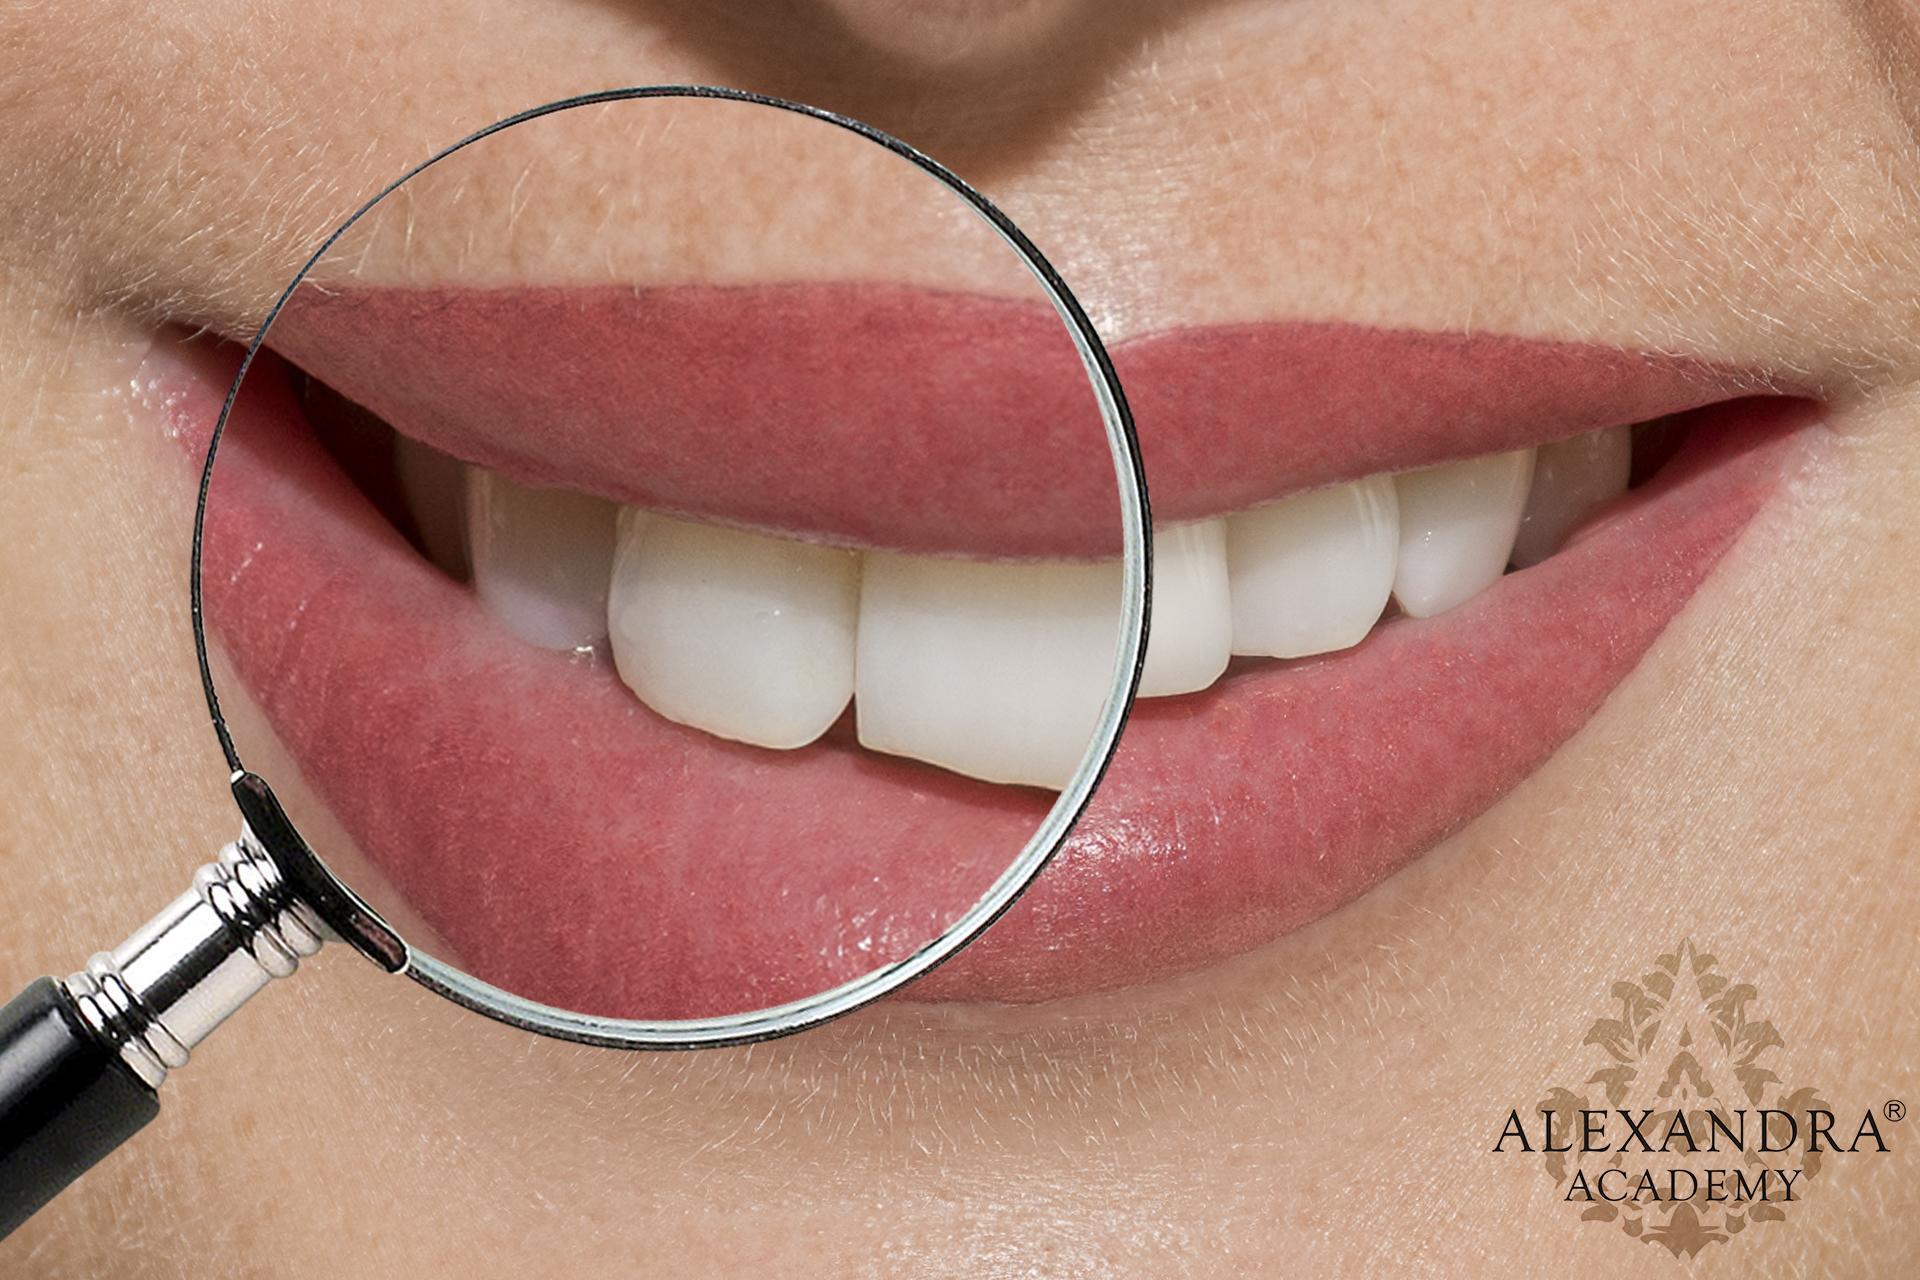 Ajaksatír-szájsatír-szájtetoválás-sminktetoválás-patkós-alexandra